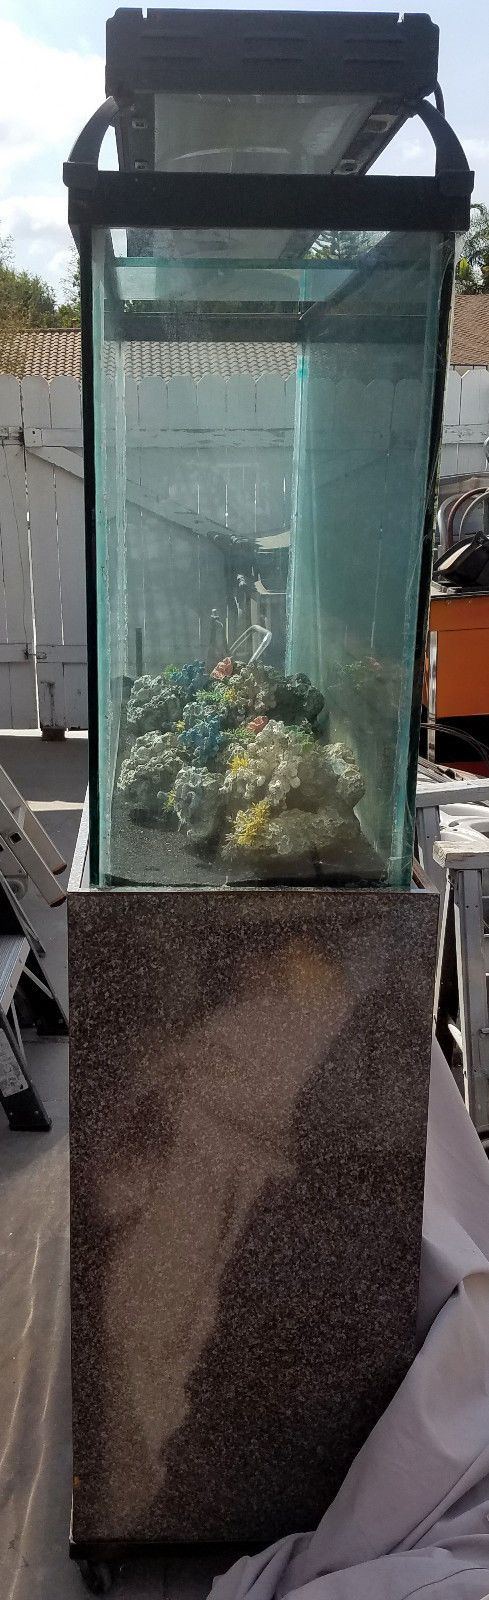 Fish Aquarium Hood